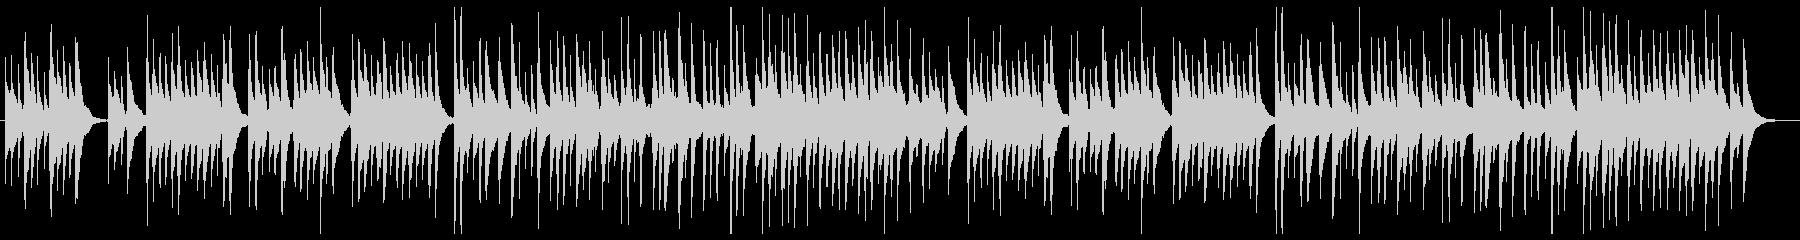 「ロンドンデリーの歌」ウクレレカバーの未再生の波形